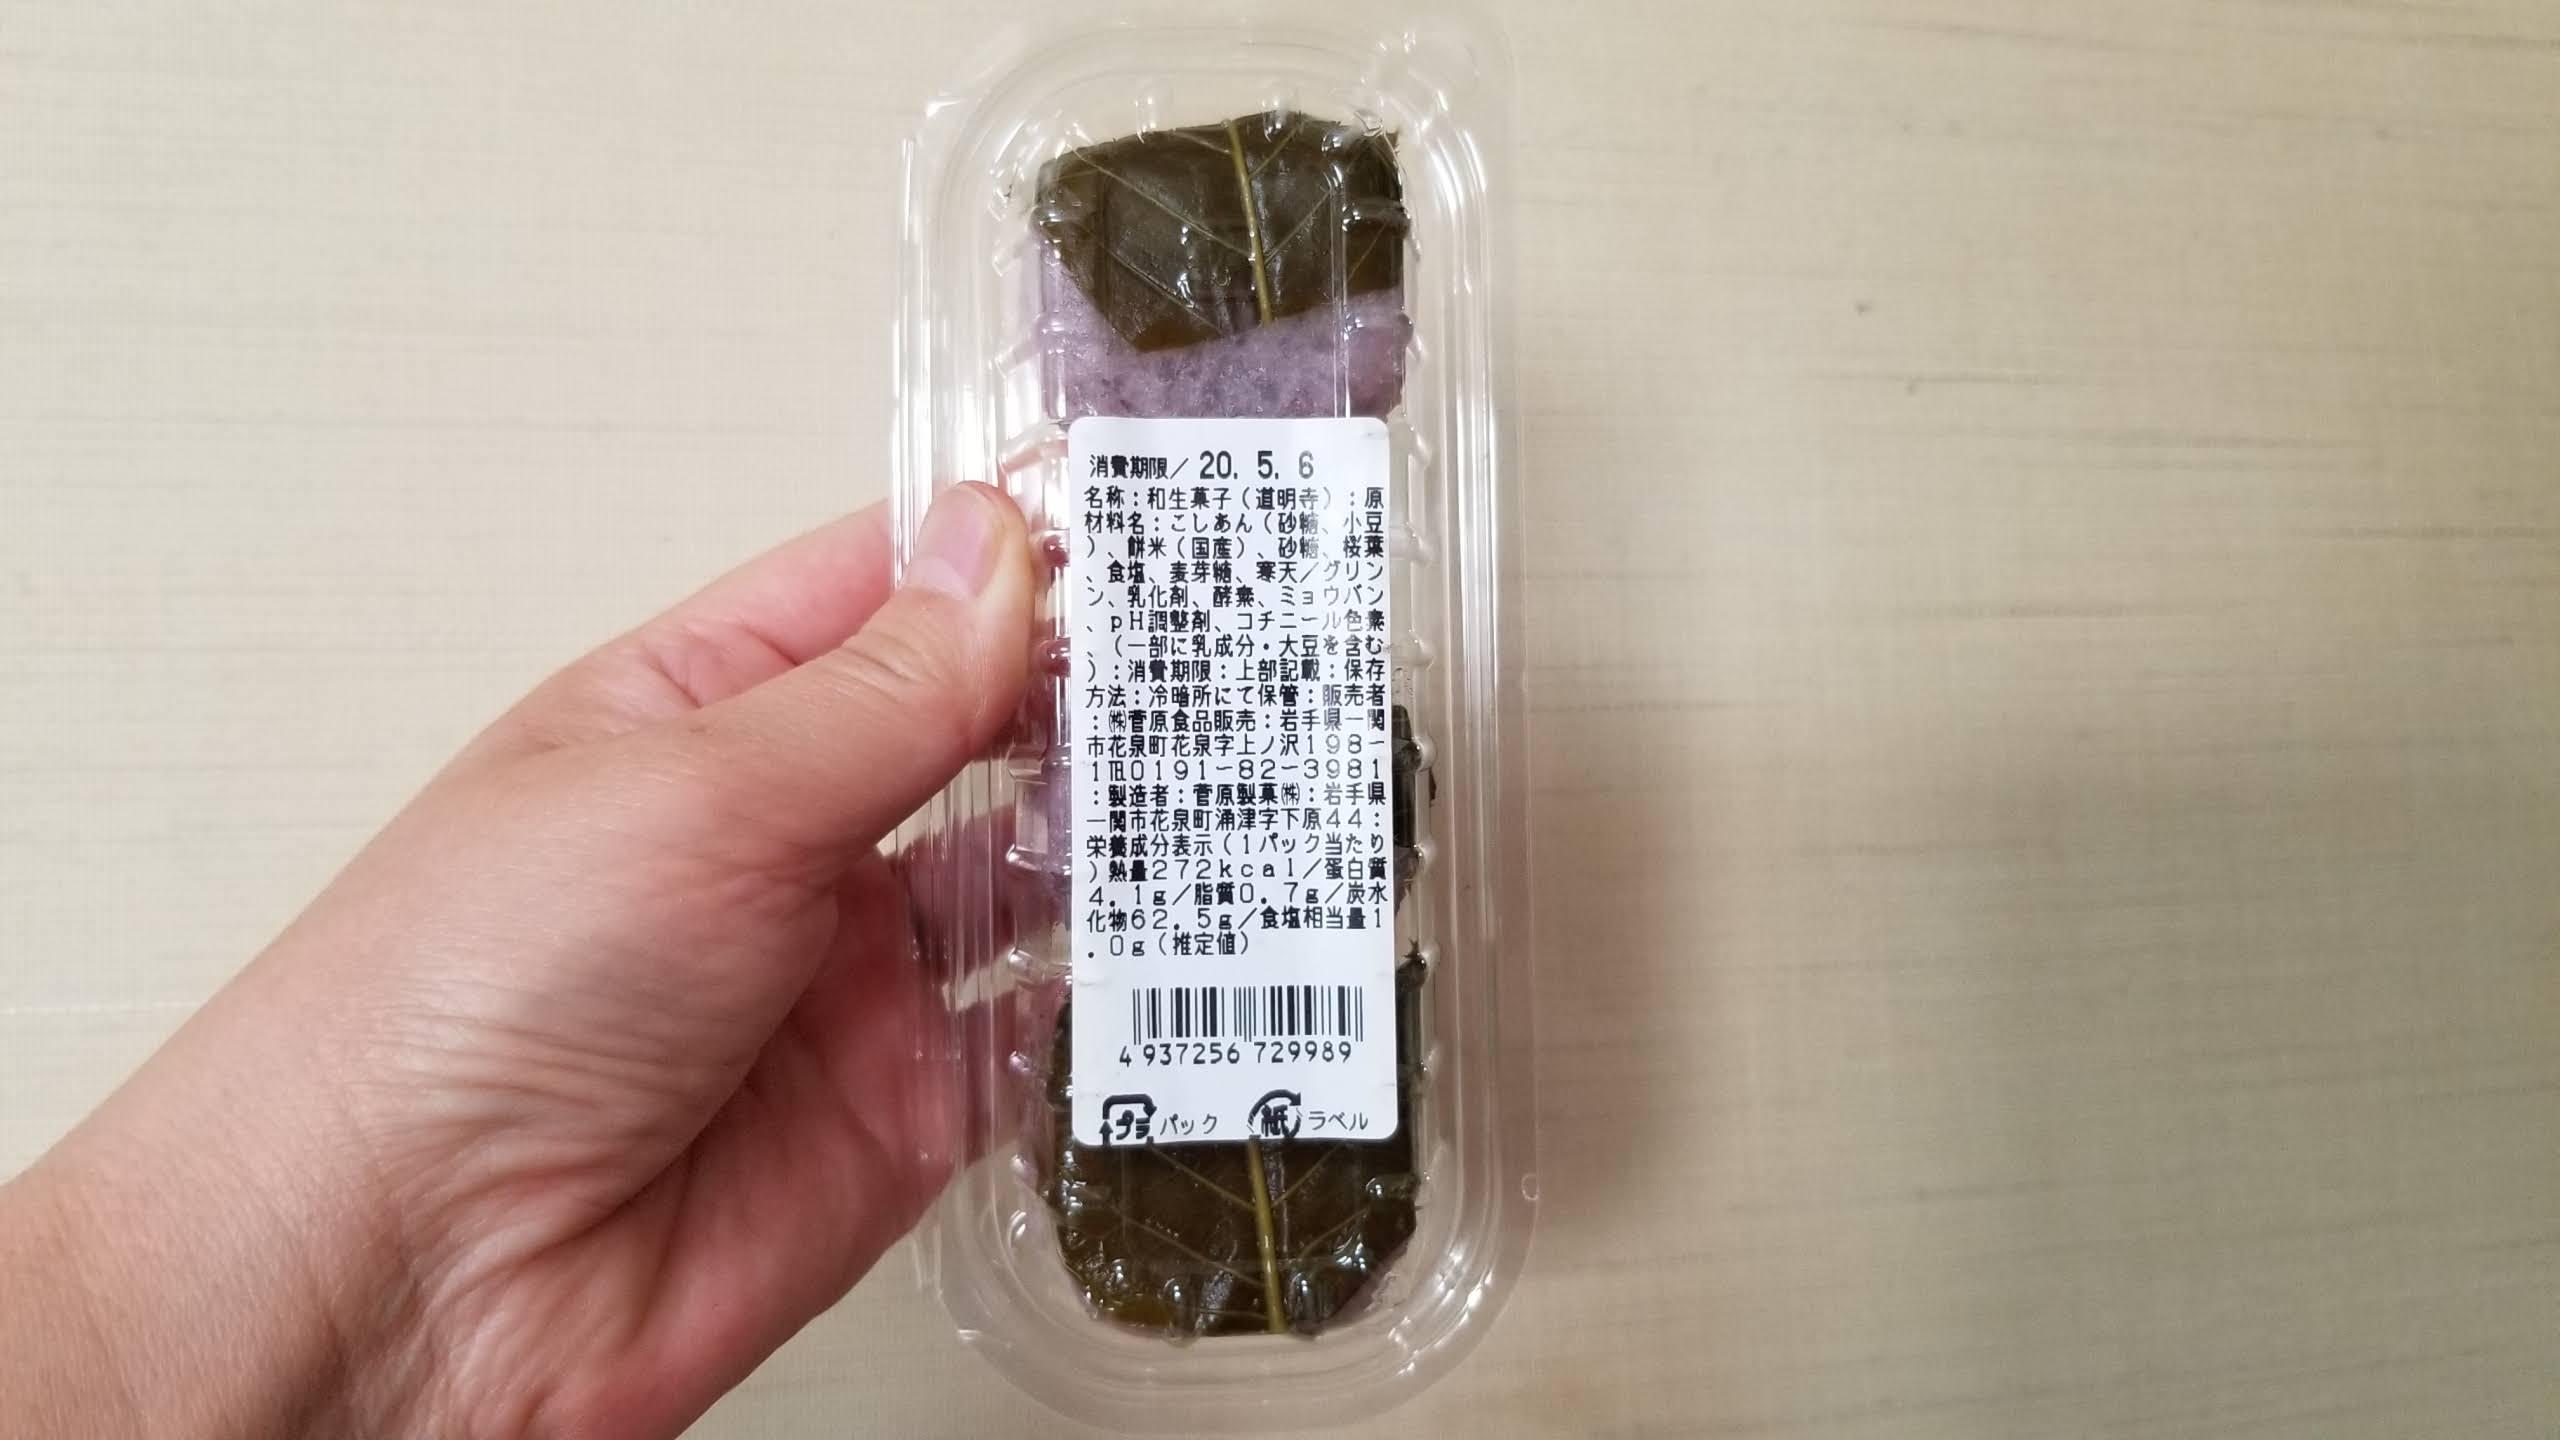 道明寺/菅原食品販売_20200504_133755